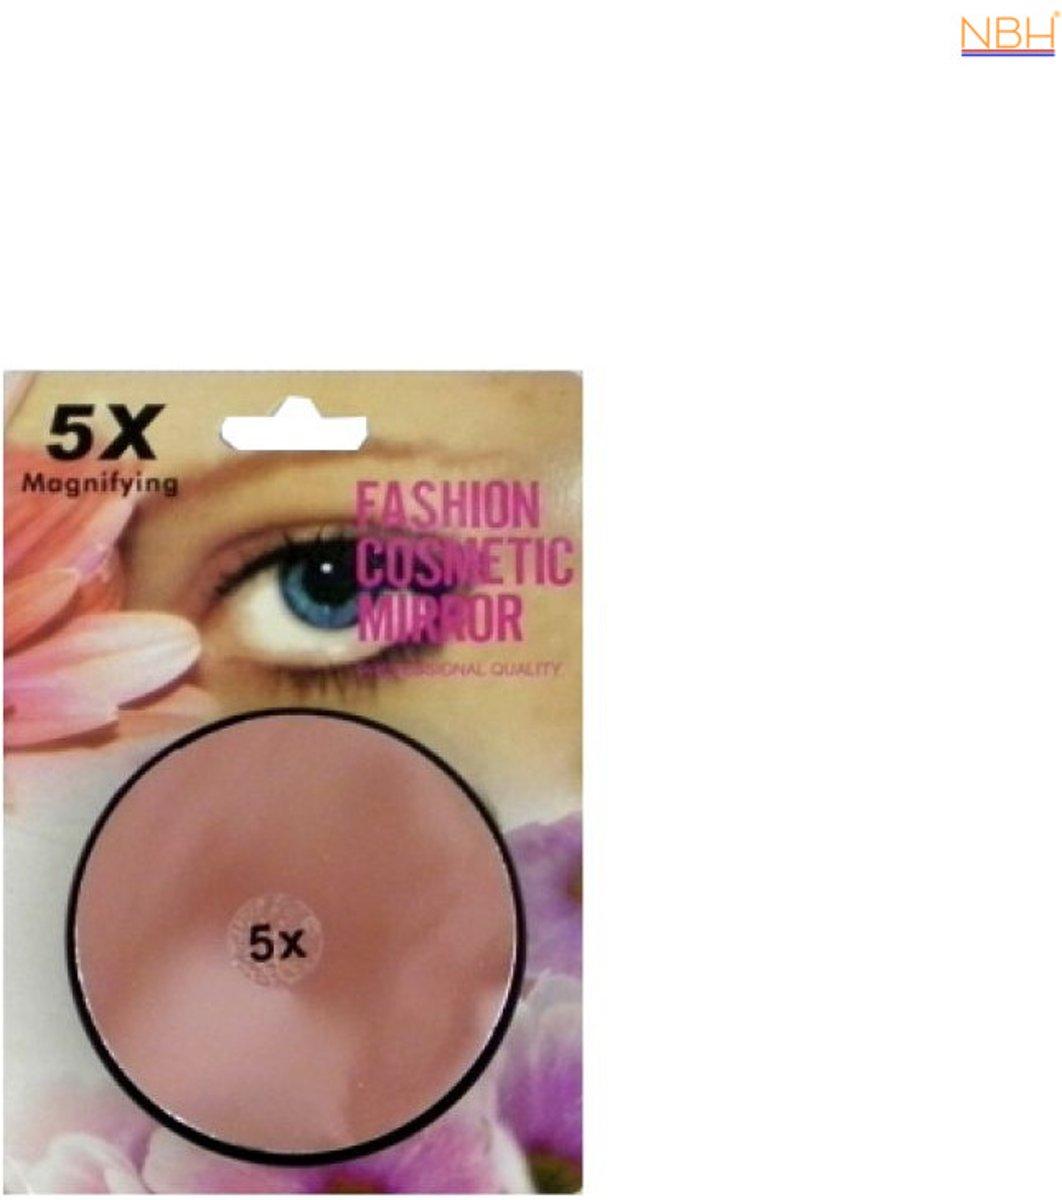 5x vergrotende make up spiegel 7 5 cm 7106616272152 for Vergrotende spiegel